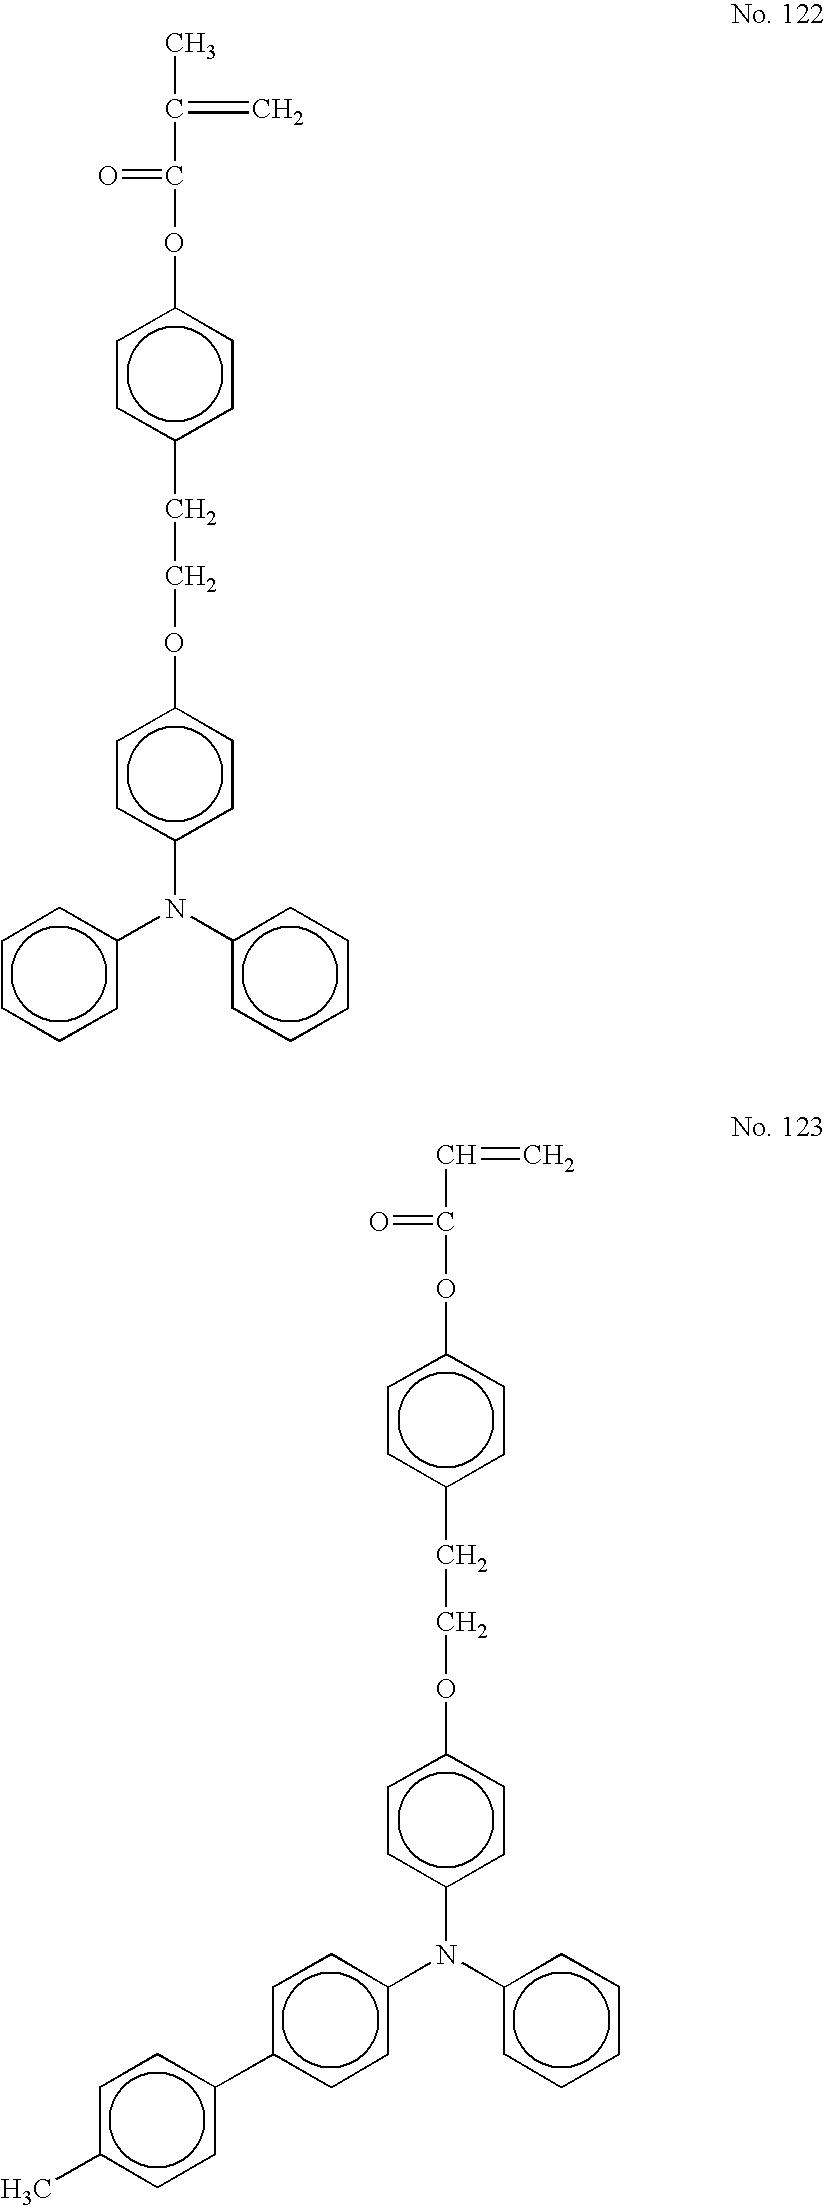 Figure US07390600-20080624-C00044